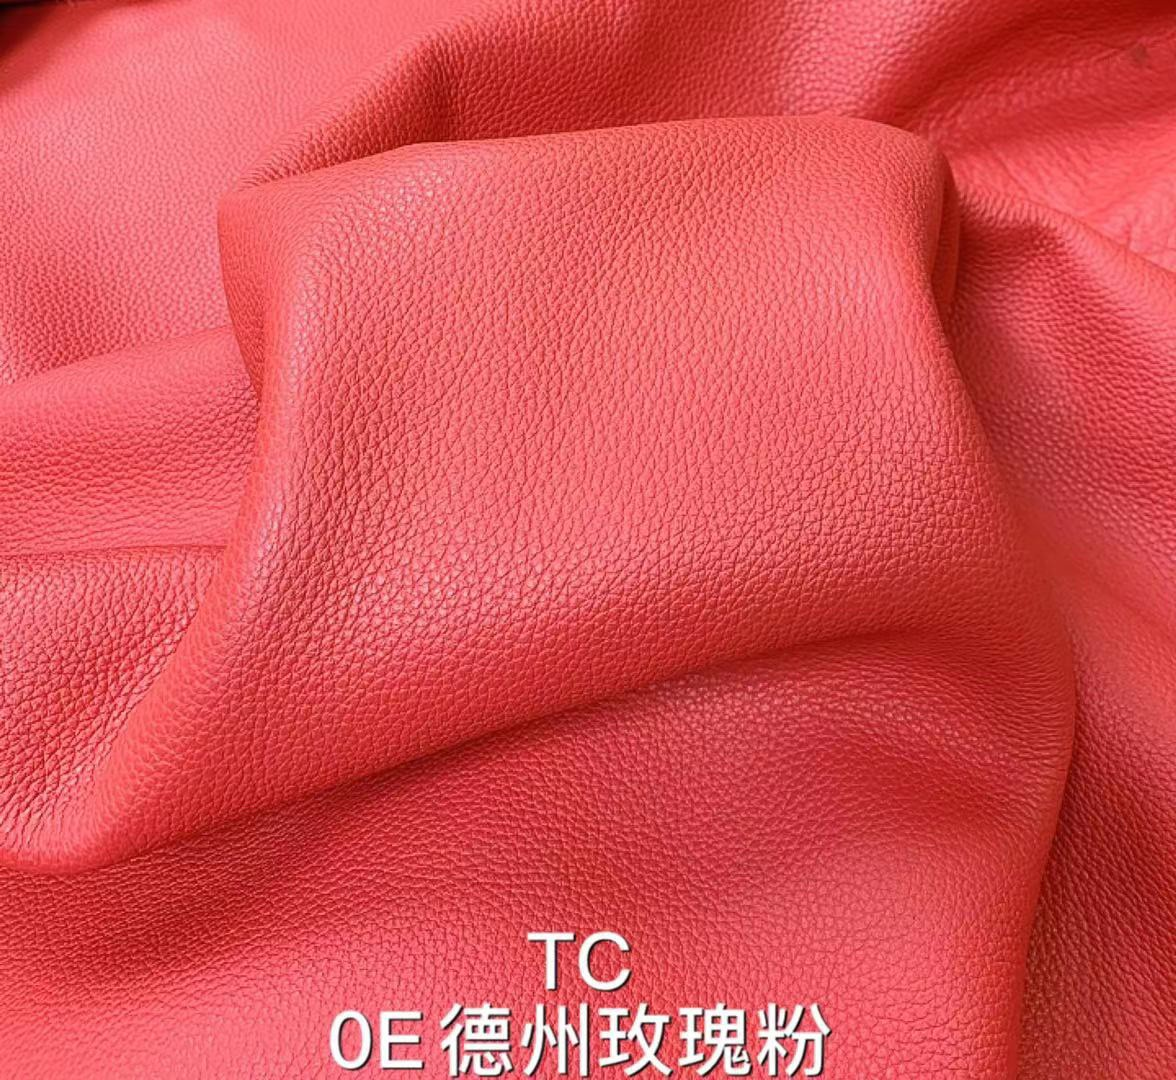 Hermès(爱马仕)新皮 玫瑰粉 定制 Mini lindy  Lindy26cm  Lindy30cm 、Picotin 18 22cm